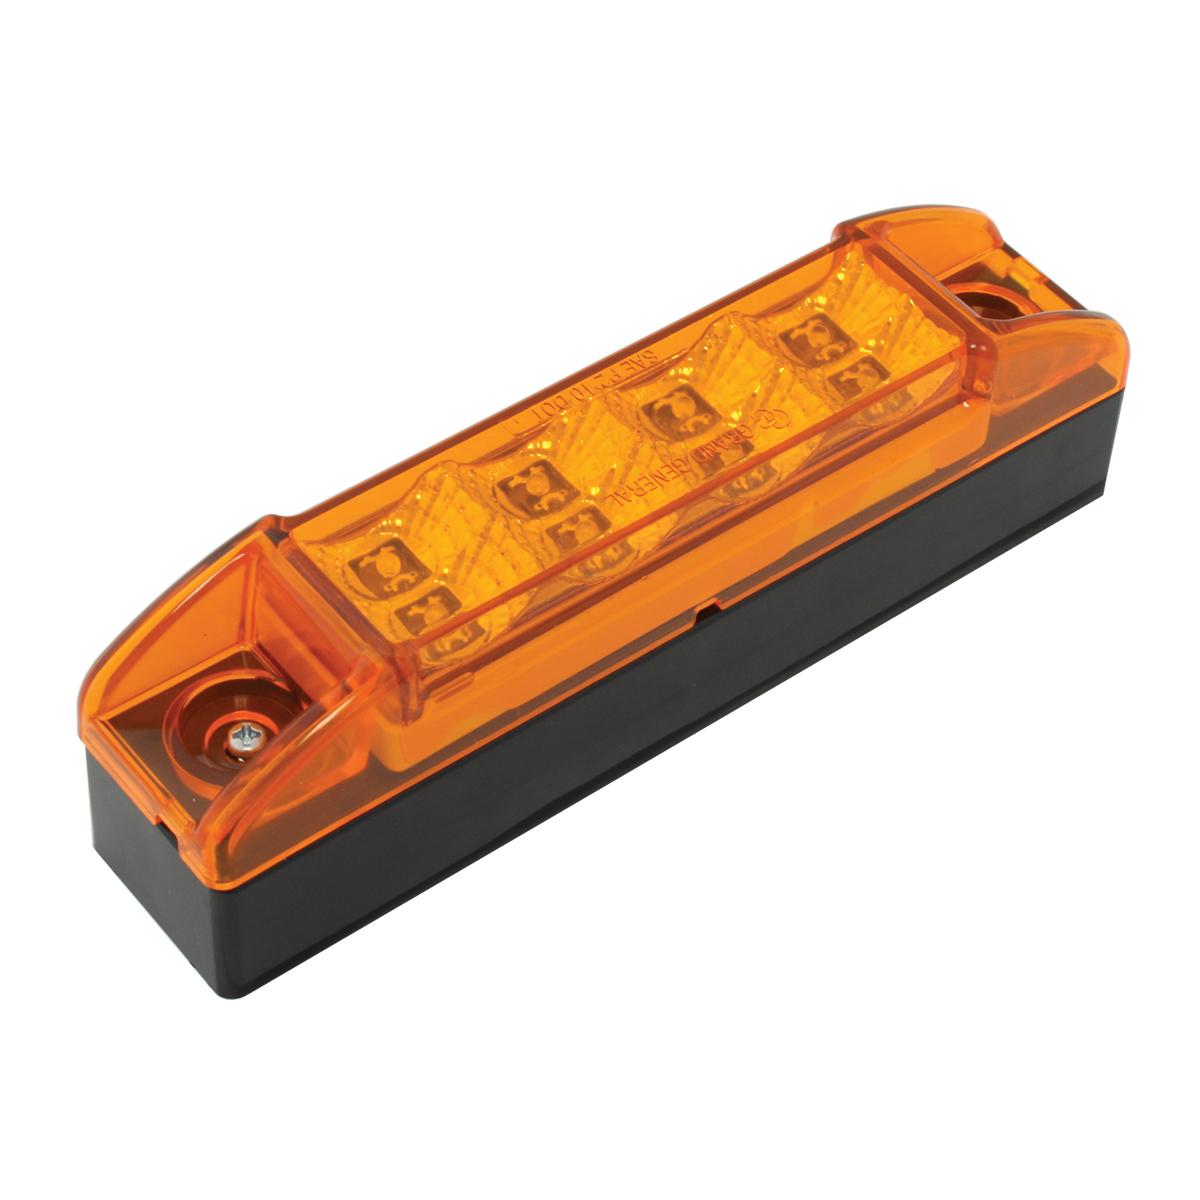 76160 Slim Rectangular Spyder LED Light in Amber/Amber with Riser